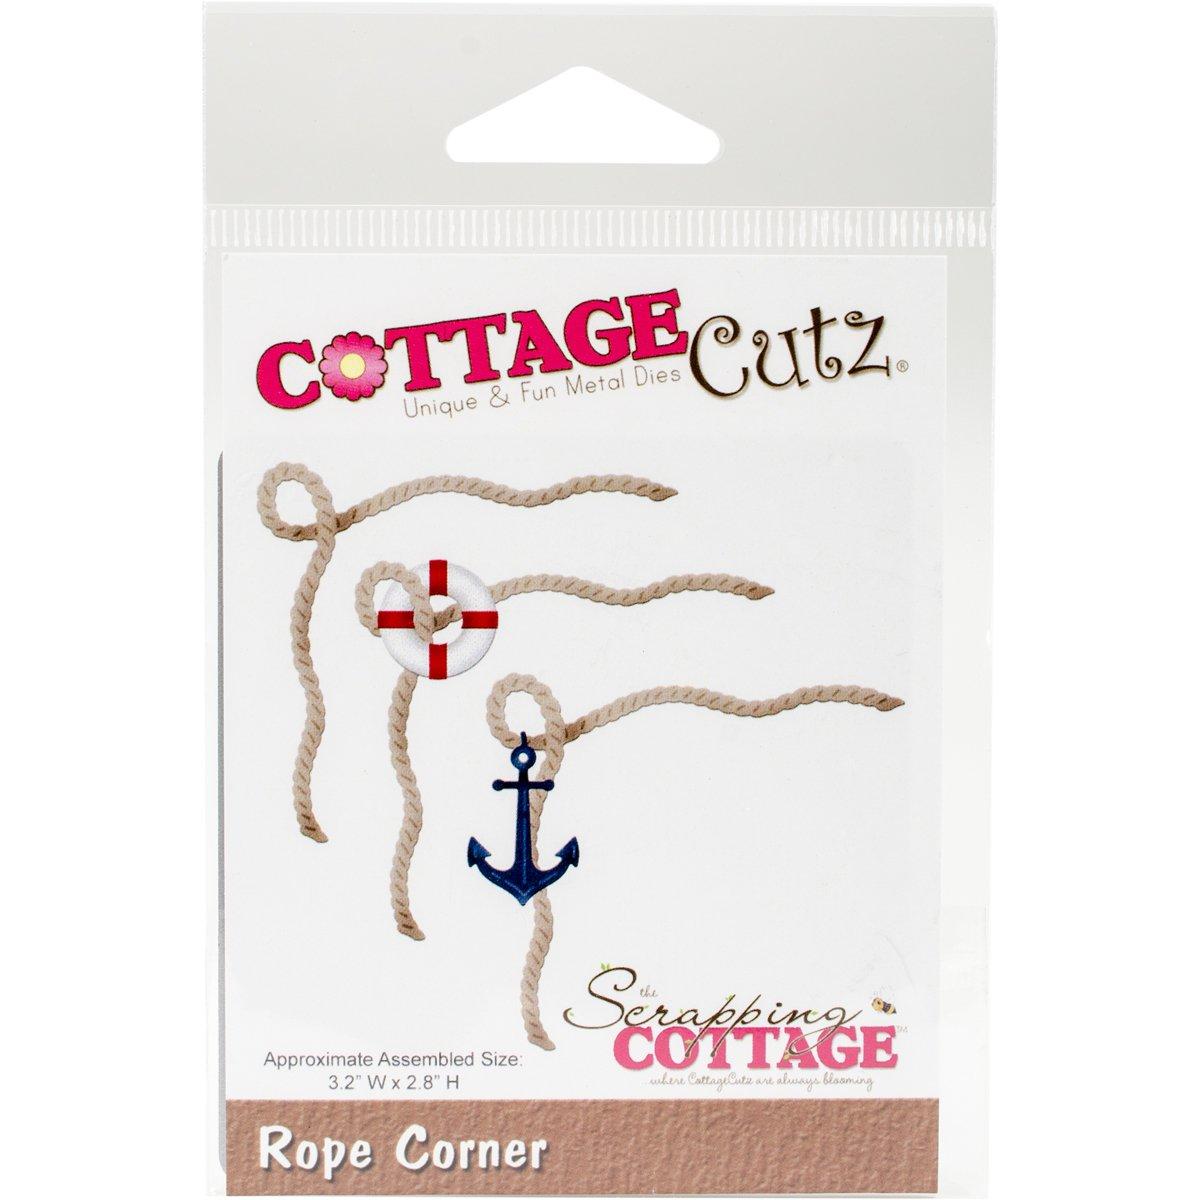 Cottagecutz Die-Rope Corner 3.2x2.8